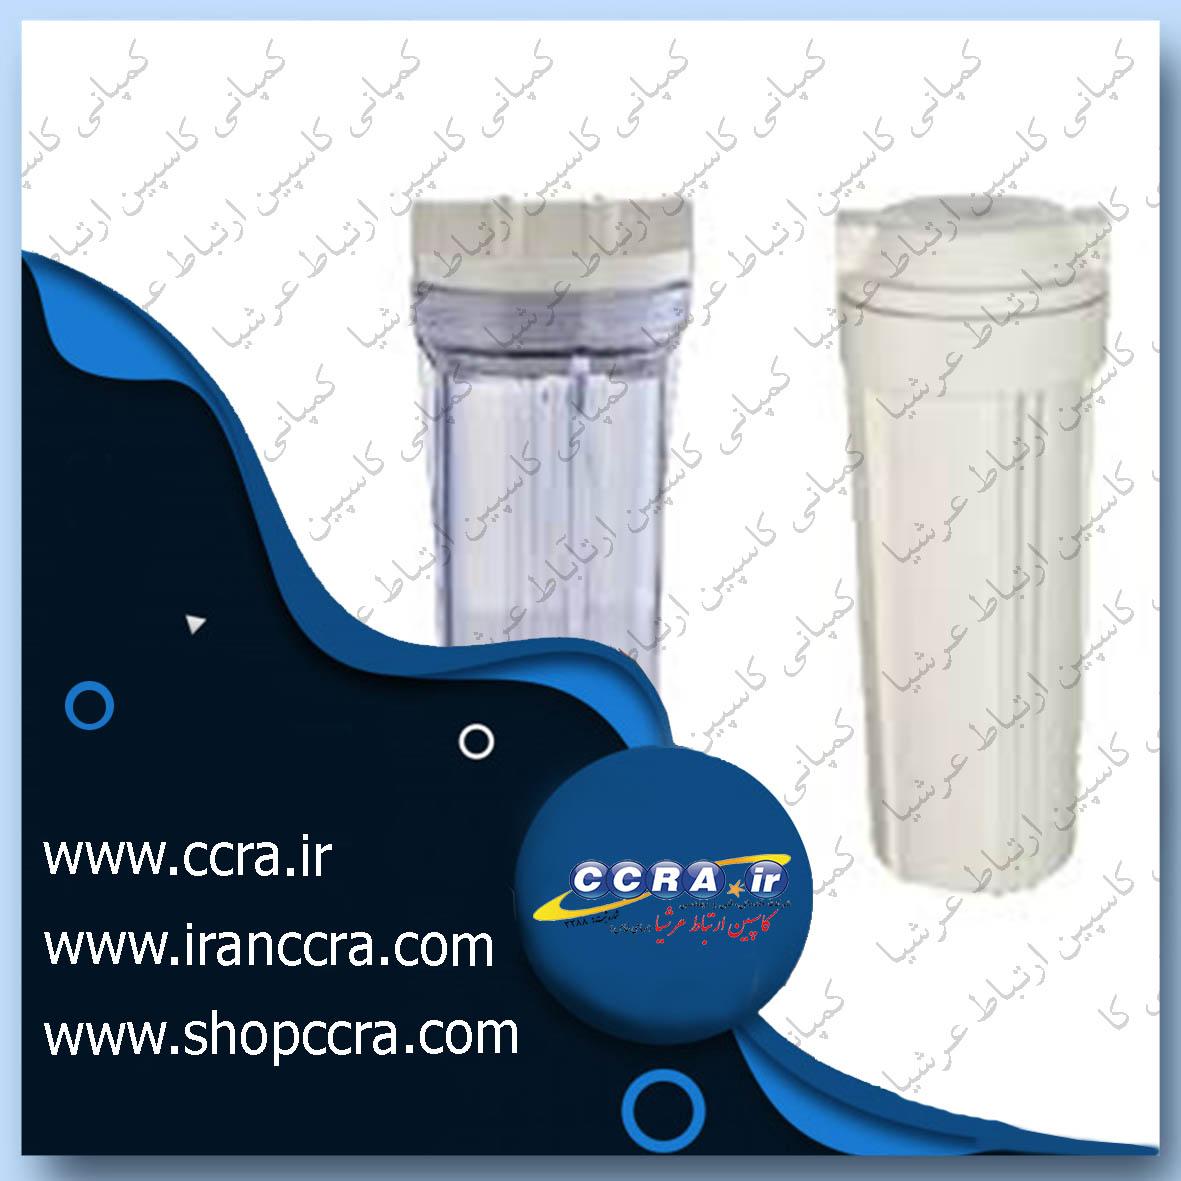 کاربرد هوزینگ های مات و شفاف دستگاه تصفیه آب خانگی آکوا لایف